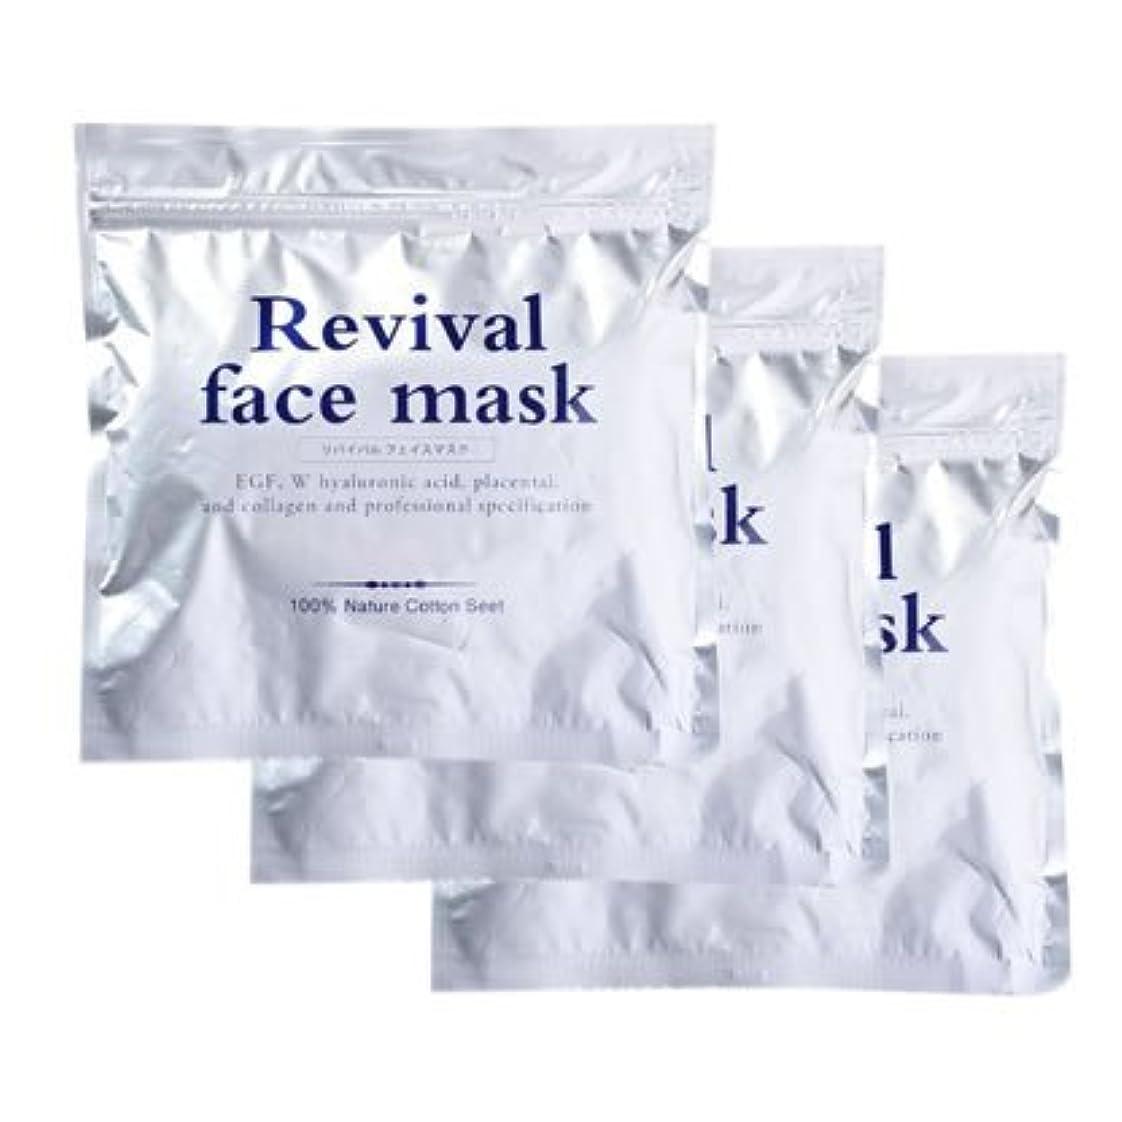 アイロニー理由カナダリバイバルフェイスマスク 90枚セット(30枚×3袋)